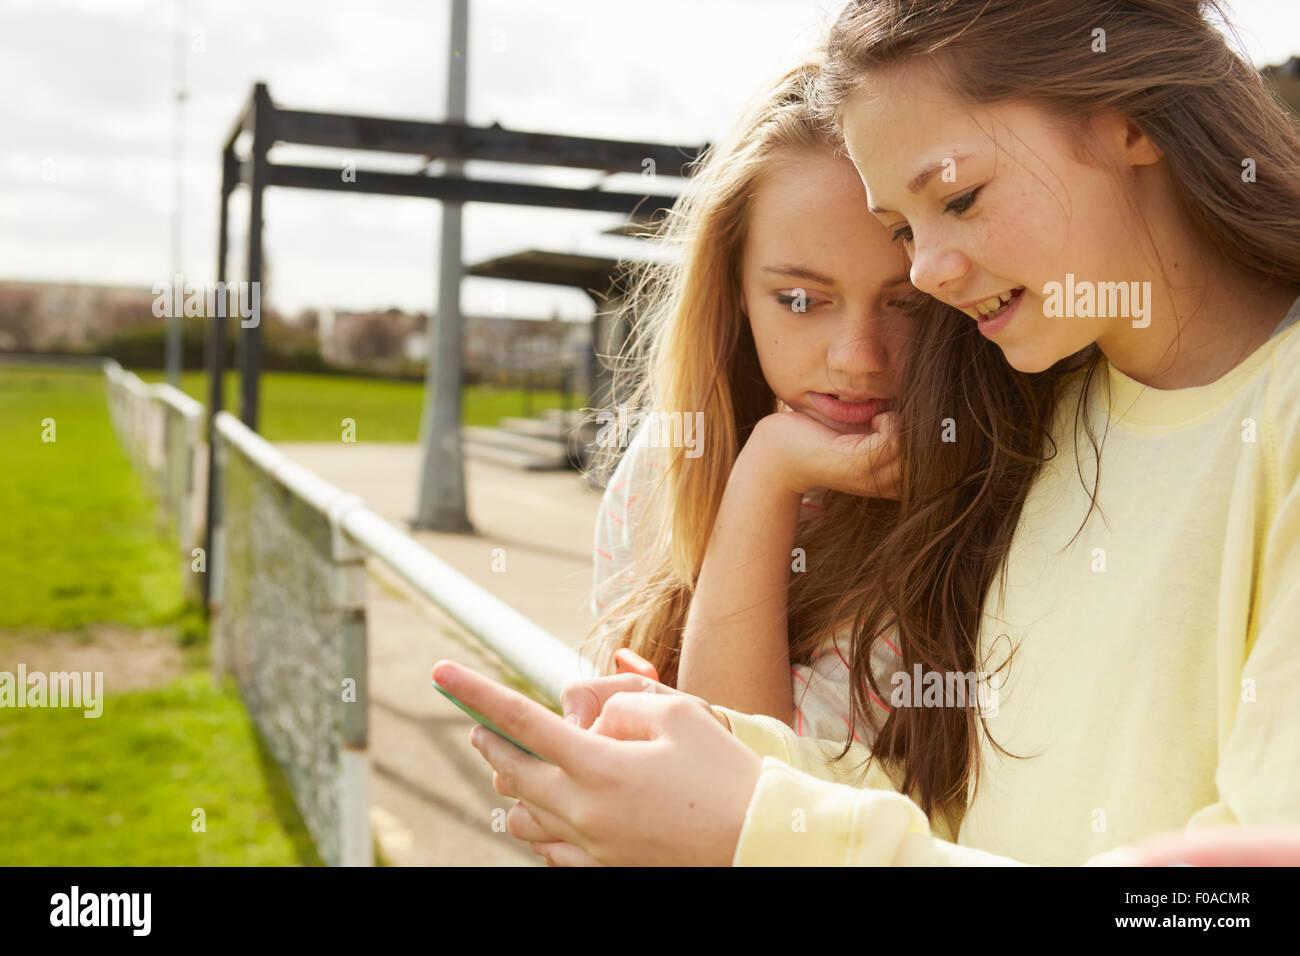 Deux jeunes filles smartphone lecture message texte Photo Stock